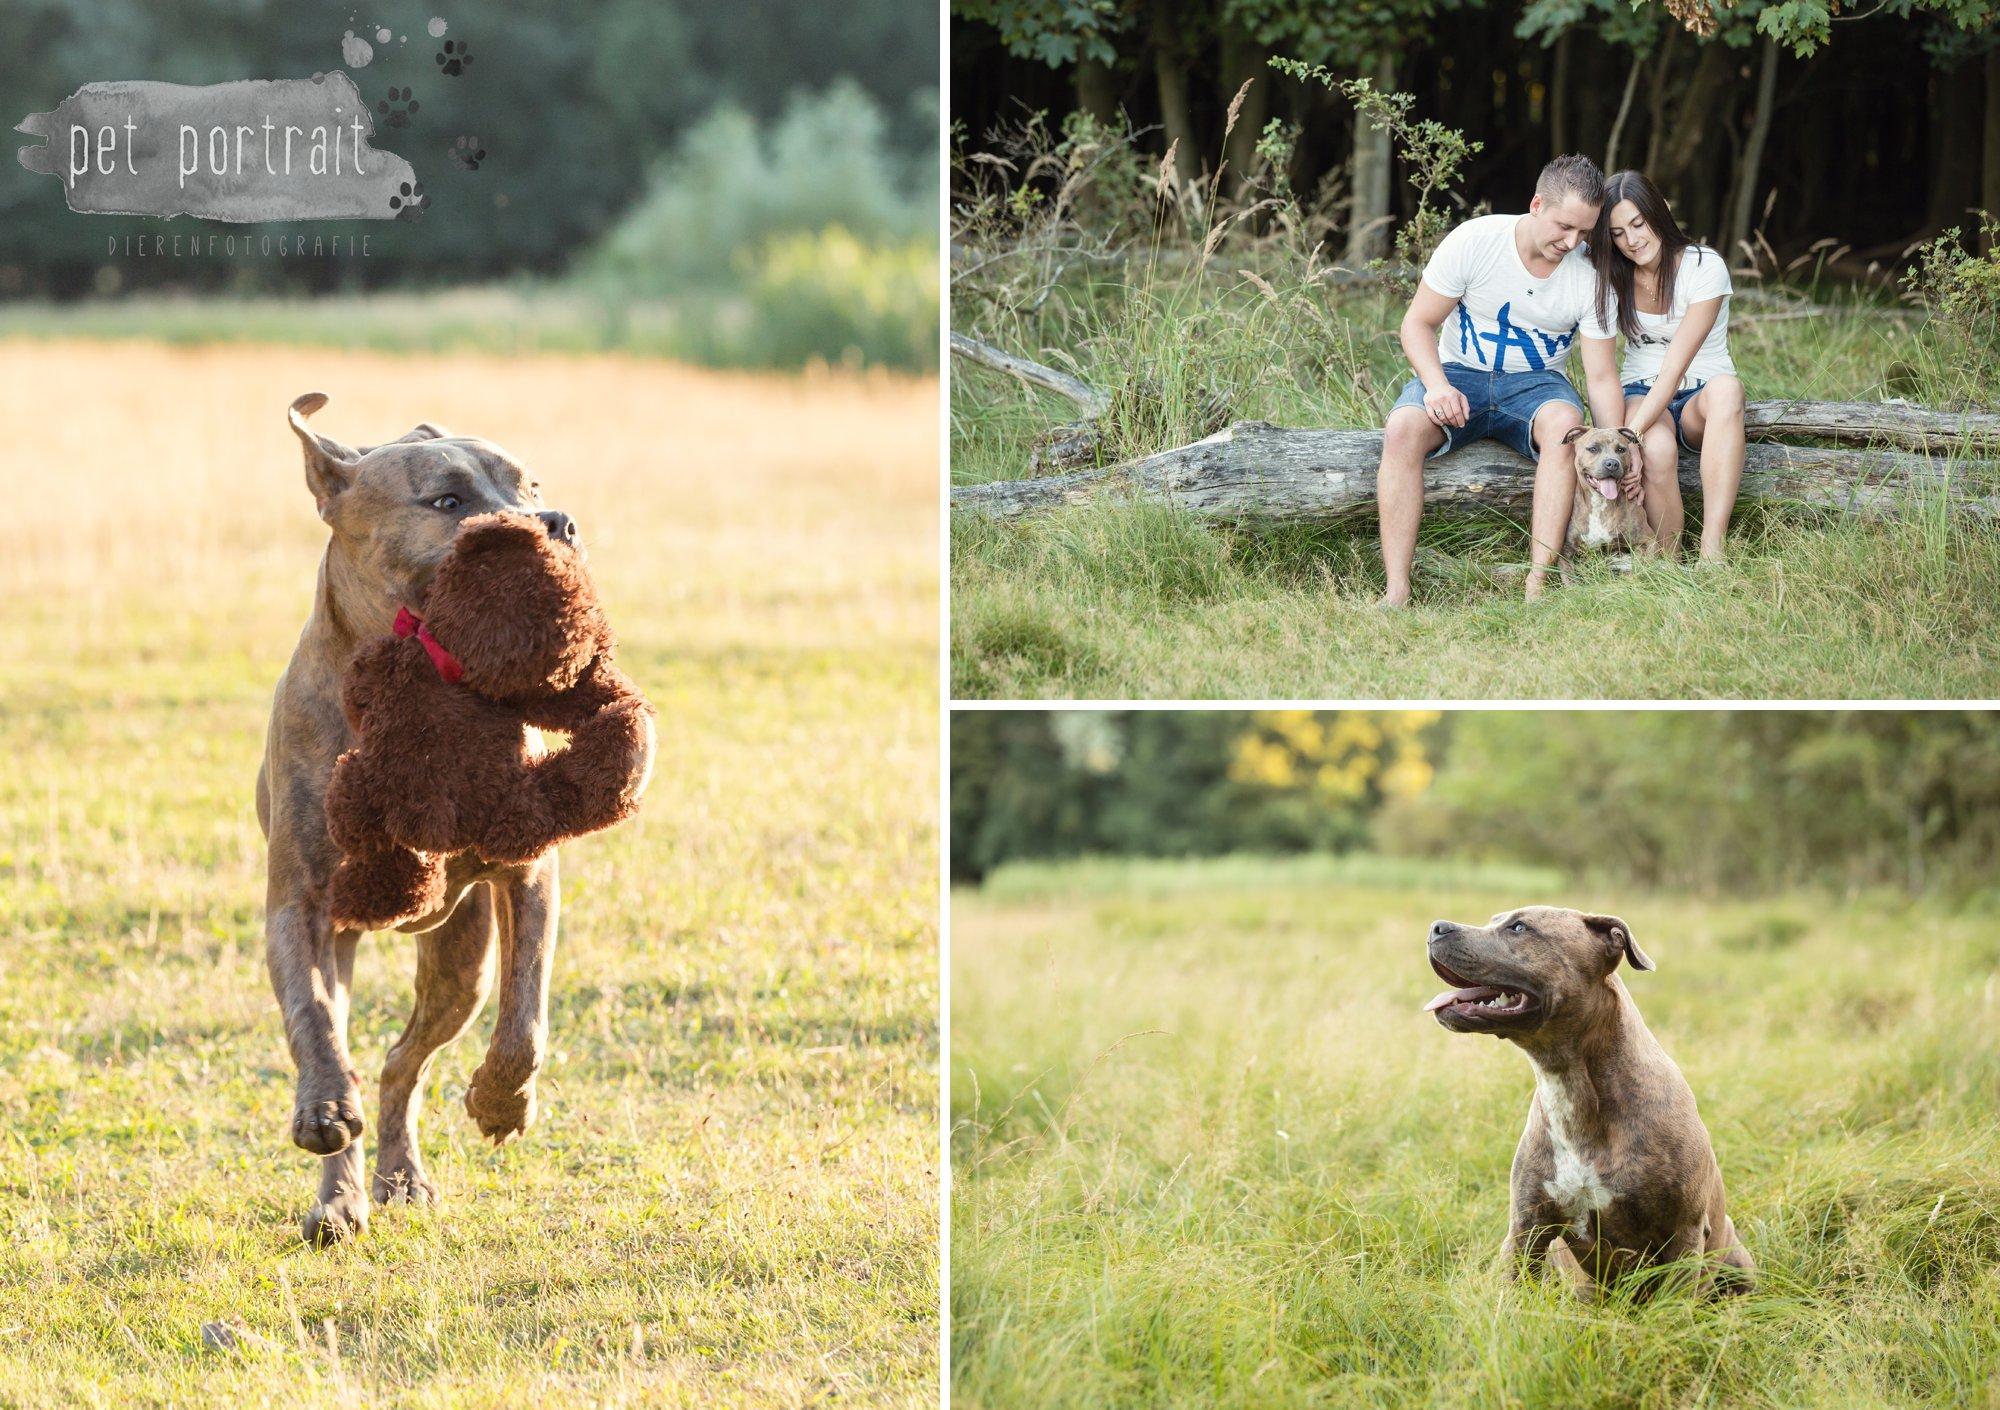 hondenfotograaf-noordwijkerhout-dier-en-baasje-fotoshoot-in-de-duinen-9